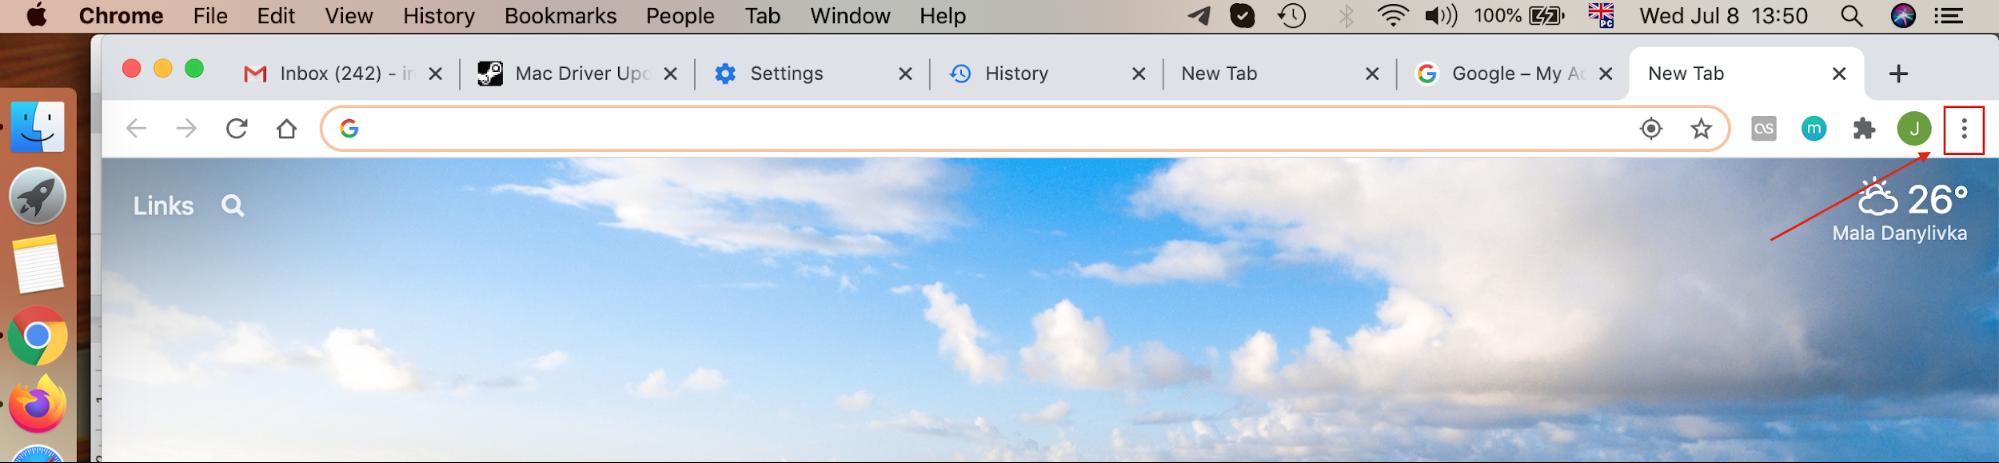 find chrome menu button in top right corner